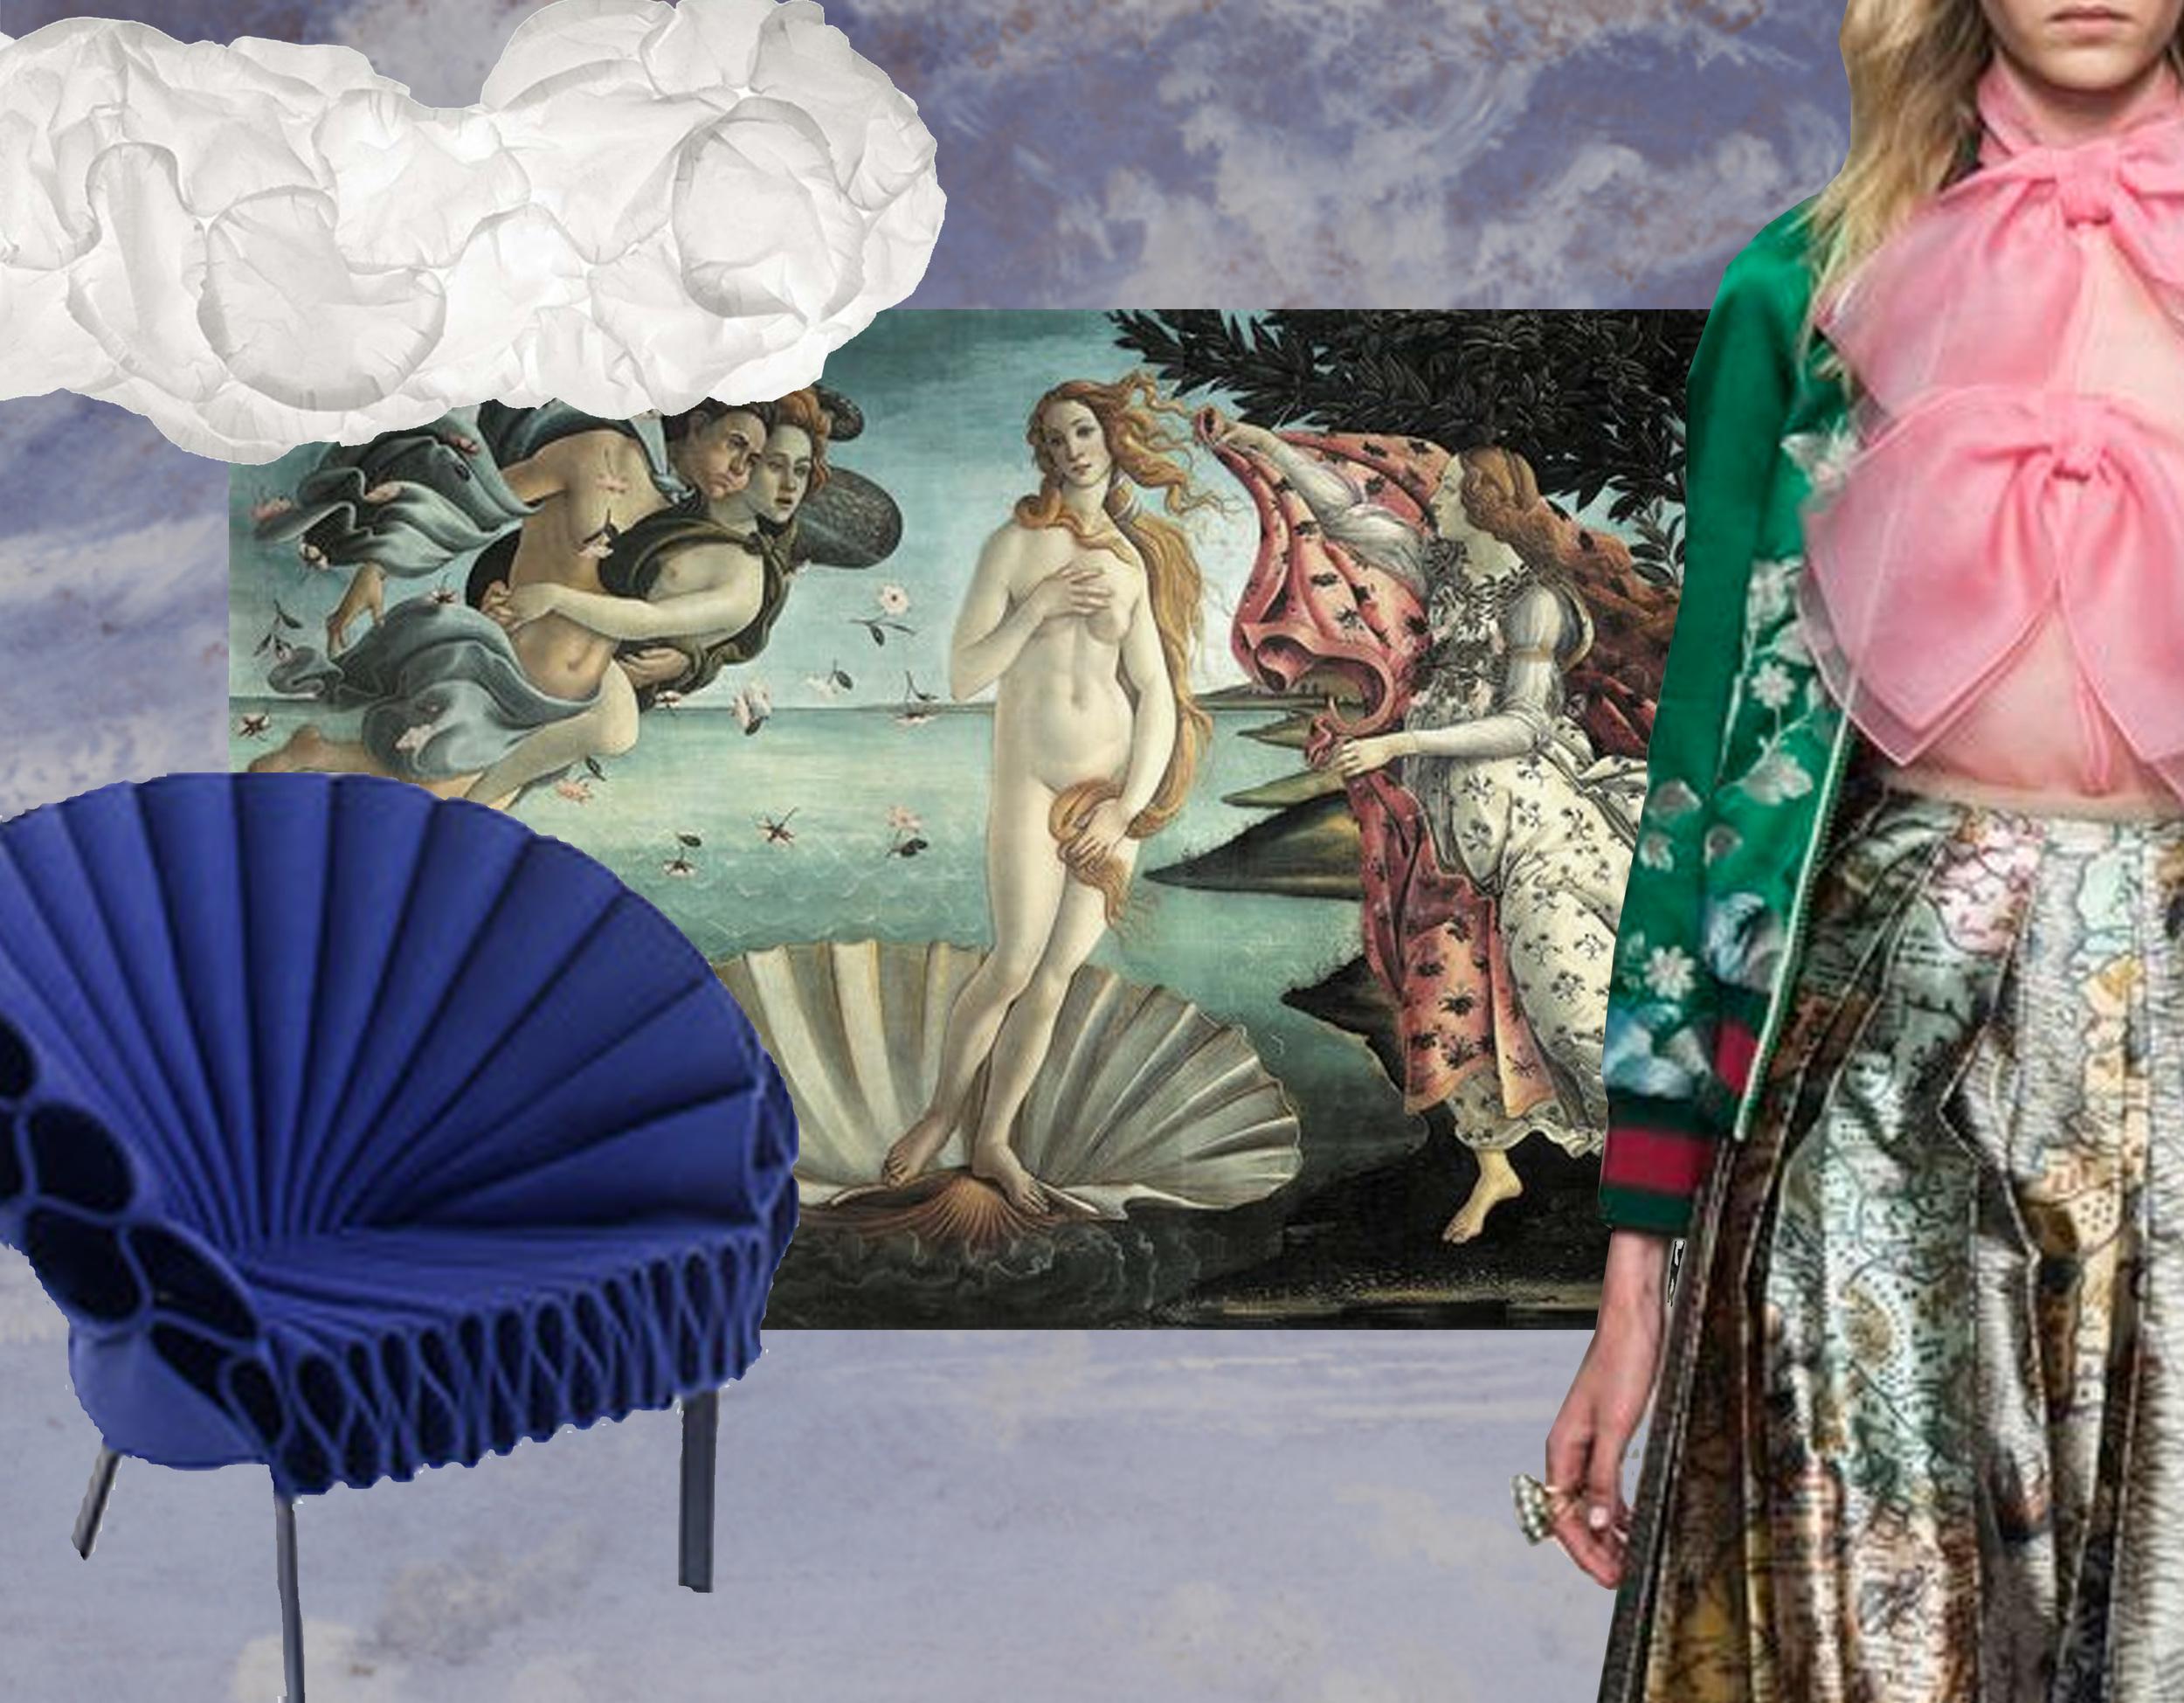 Cloud mural - hanging lamp Mamacloud  Belux  - Birth of Venus  Botticcelli  -  Gucci  summer 2015 - Peacock chair  Cappellini